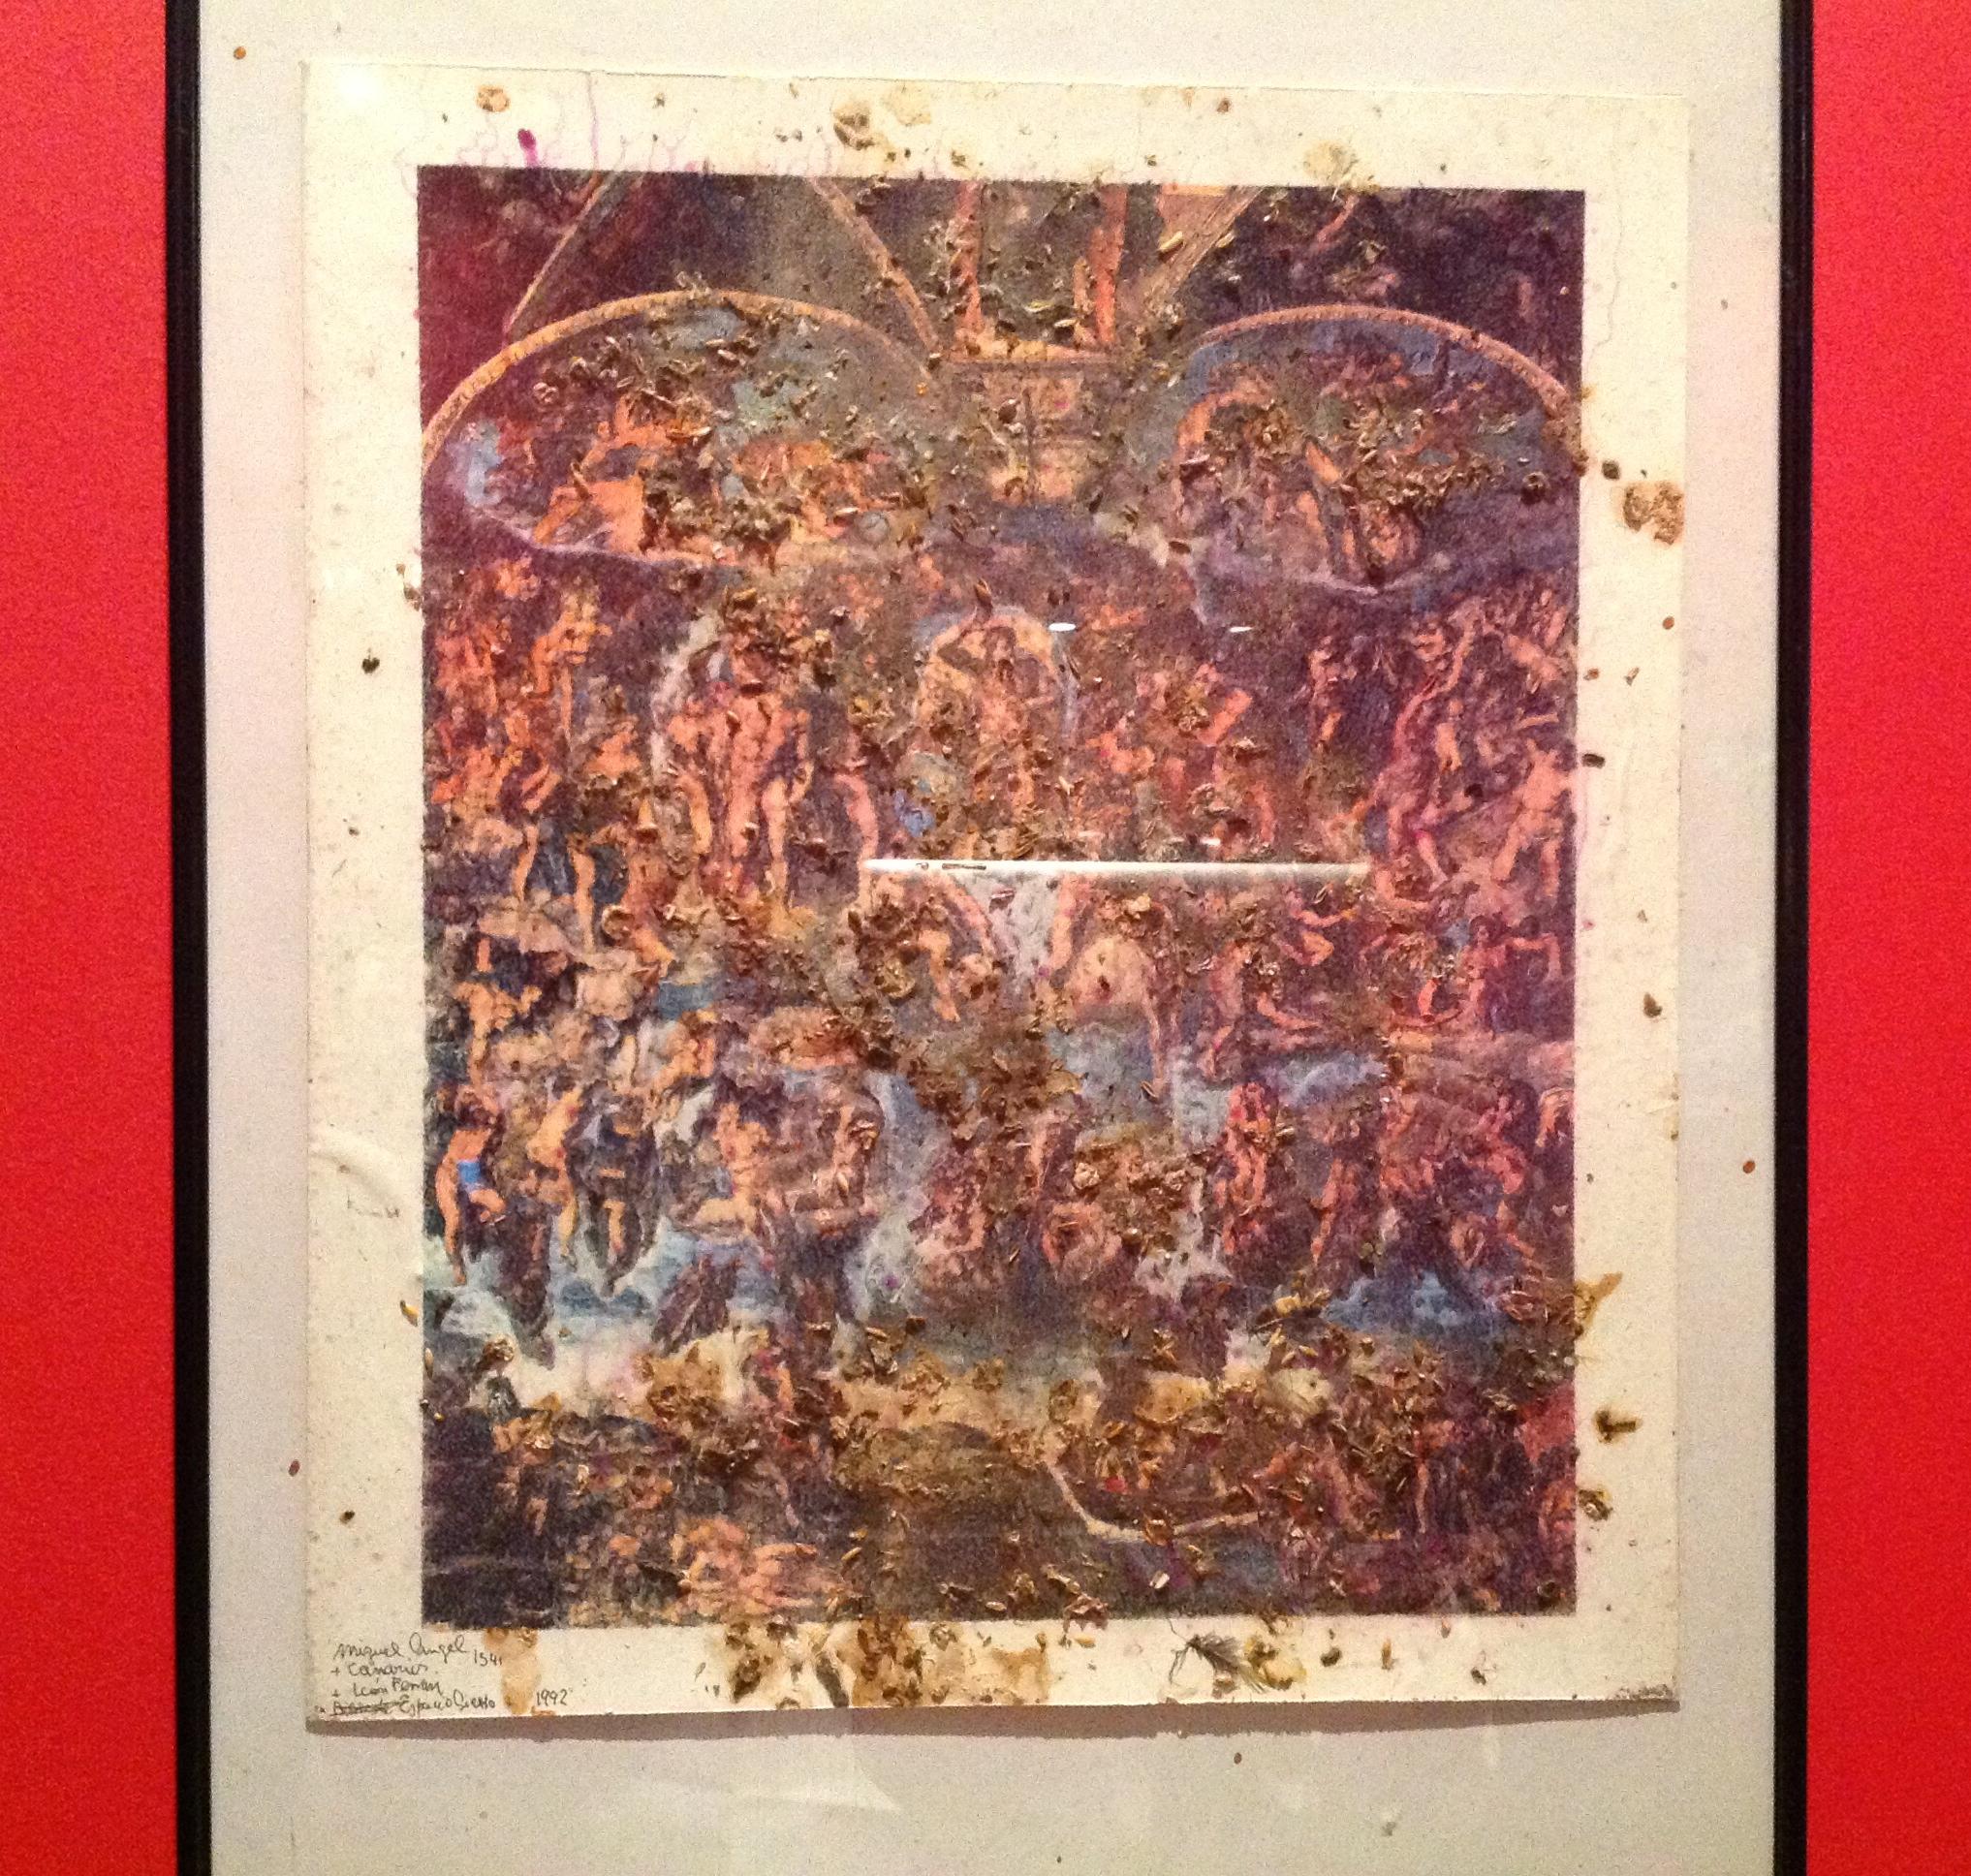 Grupo Etcétera y León Ferrari. Una obra de esta serie estuvo expuesta en ArteBA este año en el stand de la galería Ruth Benzacar